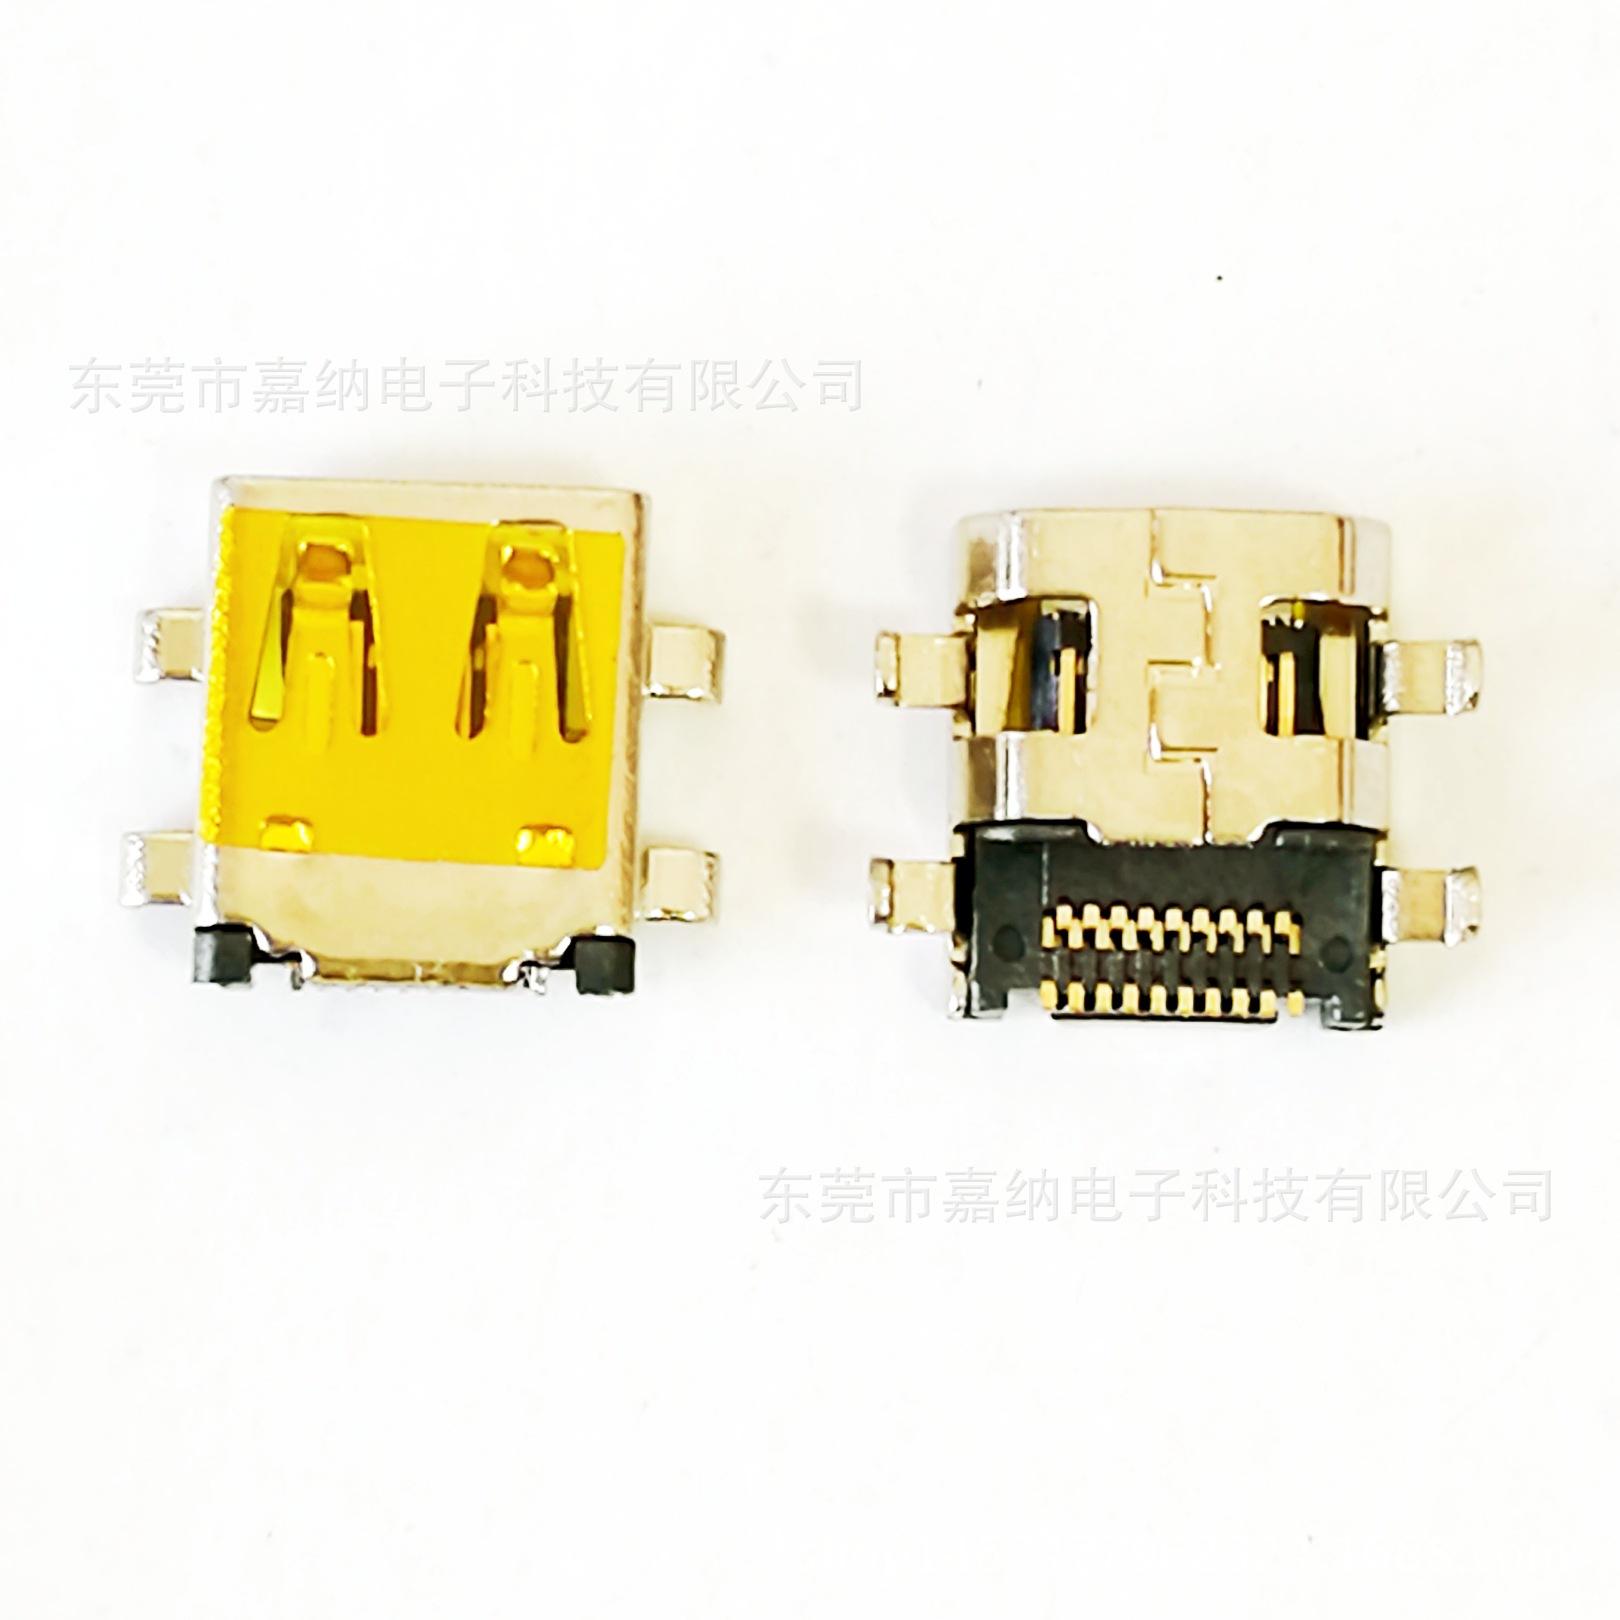 厂家直销连接器MICRO HDMI 19P母头 D TY